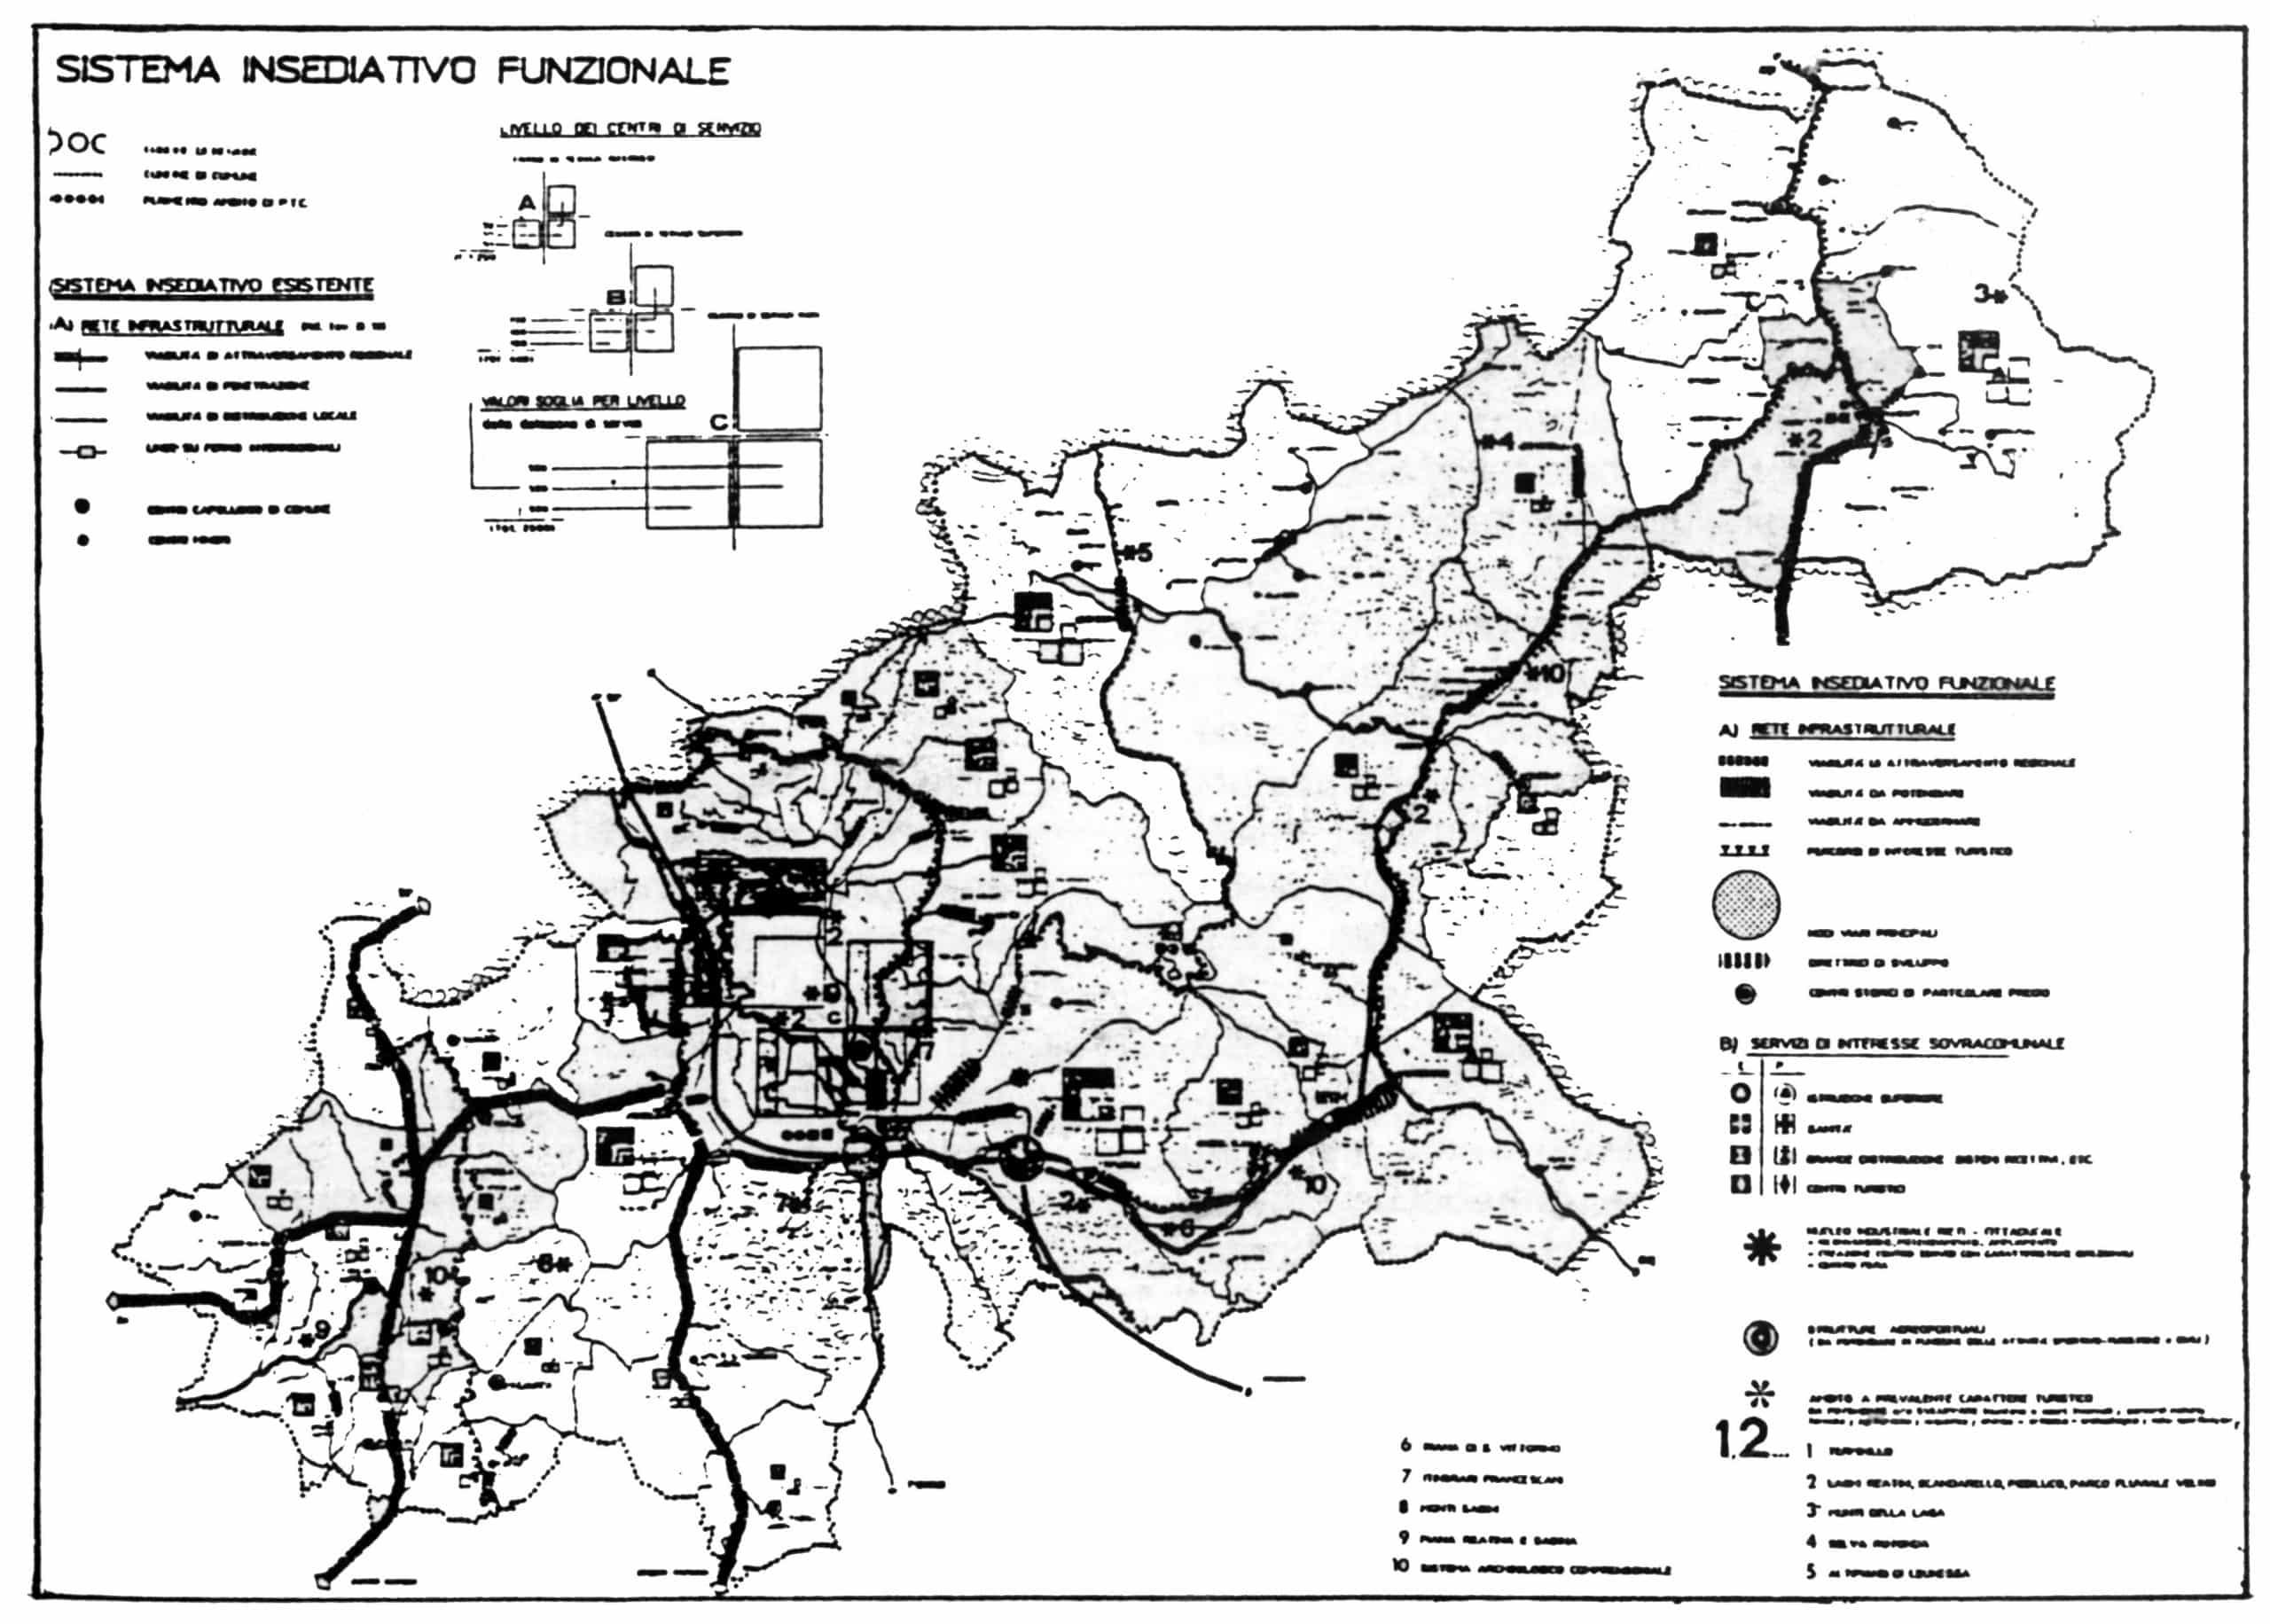 18 - PTC ambito territoriale n. 5 Rieti, per Regione Lazio; con G. Delmastro, F. Franceschini, G. Miarelli Mariani, G. Romoli, M. P. Sette e ing. Tocchi - Sistema insediativo funzionale